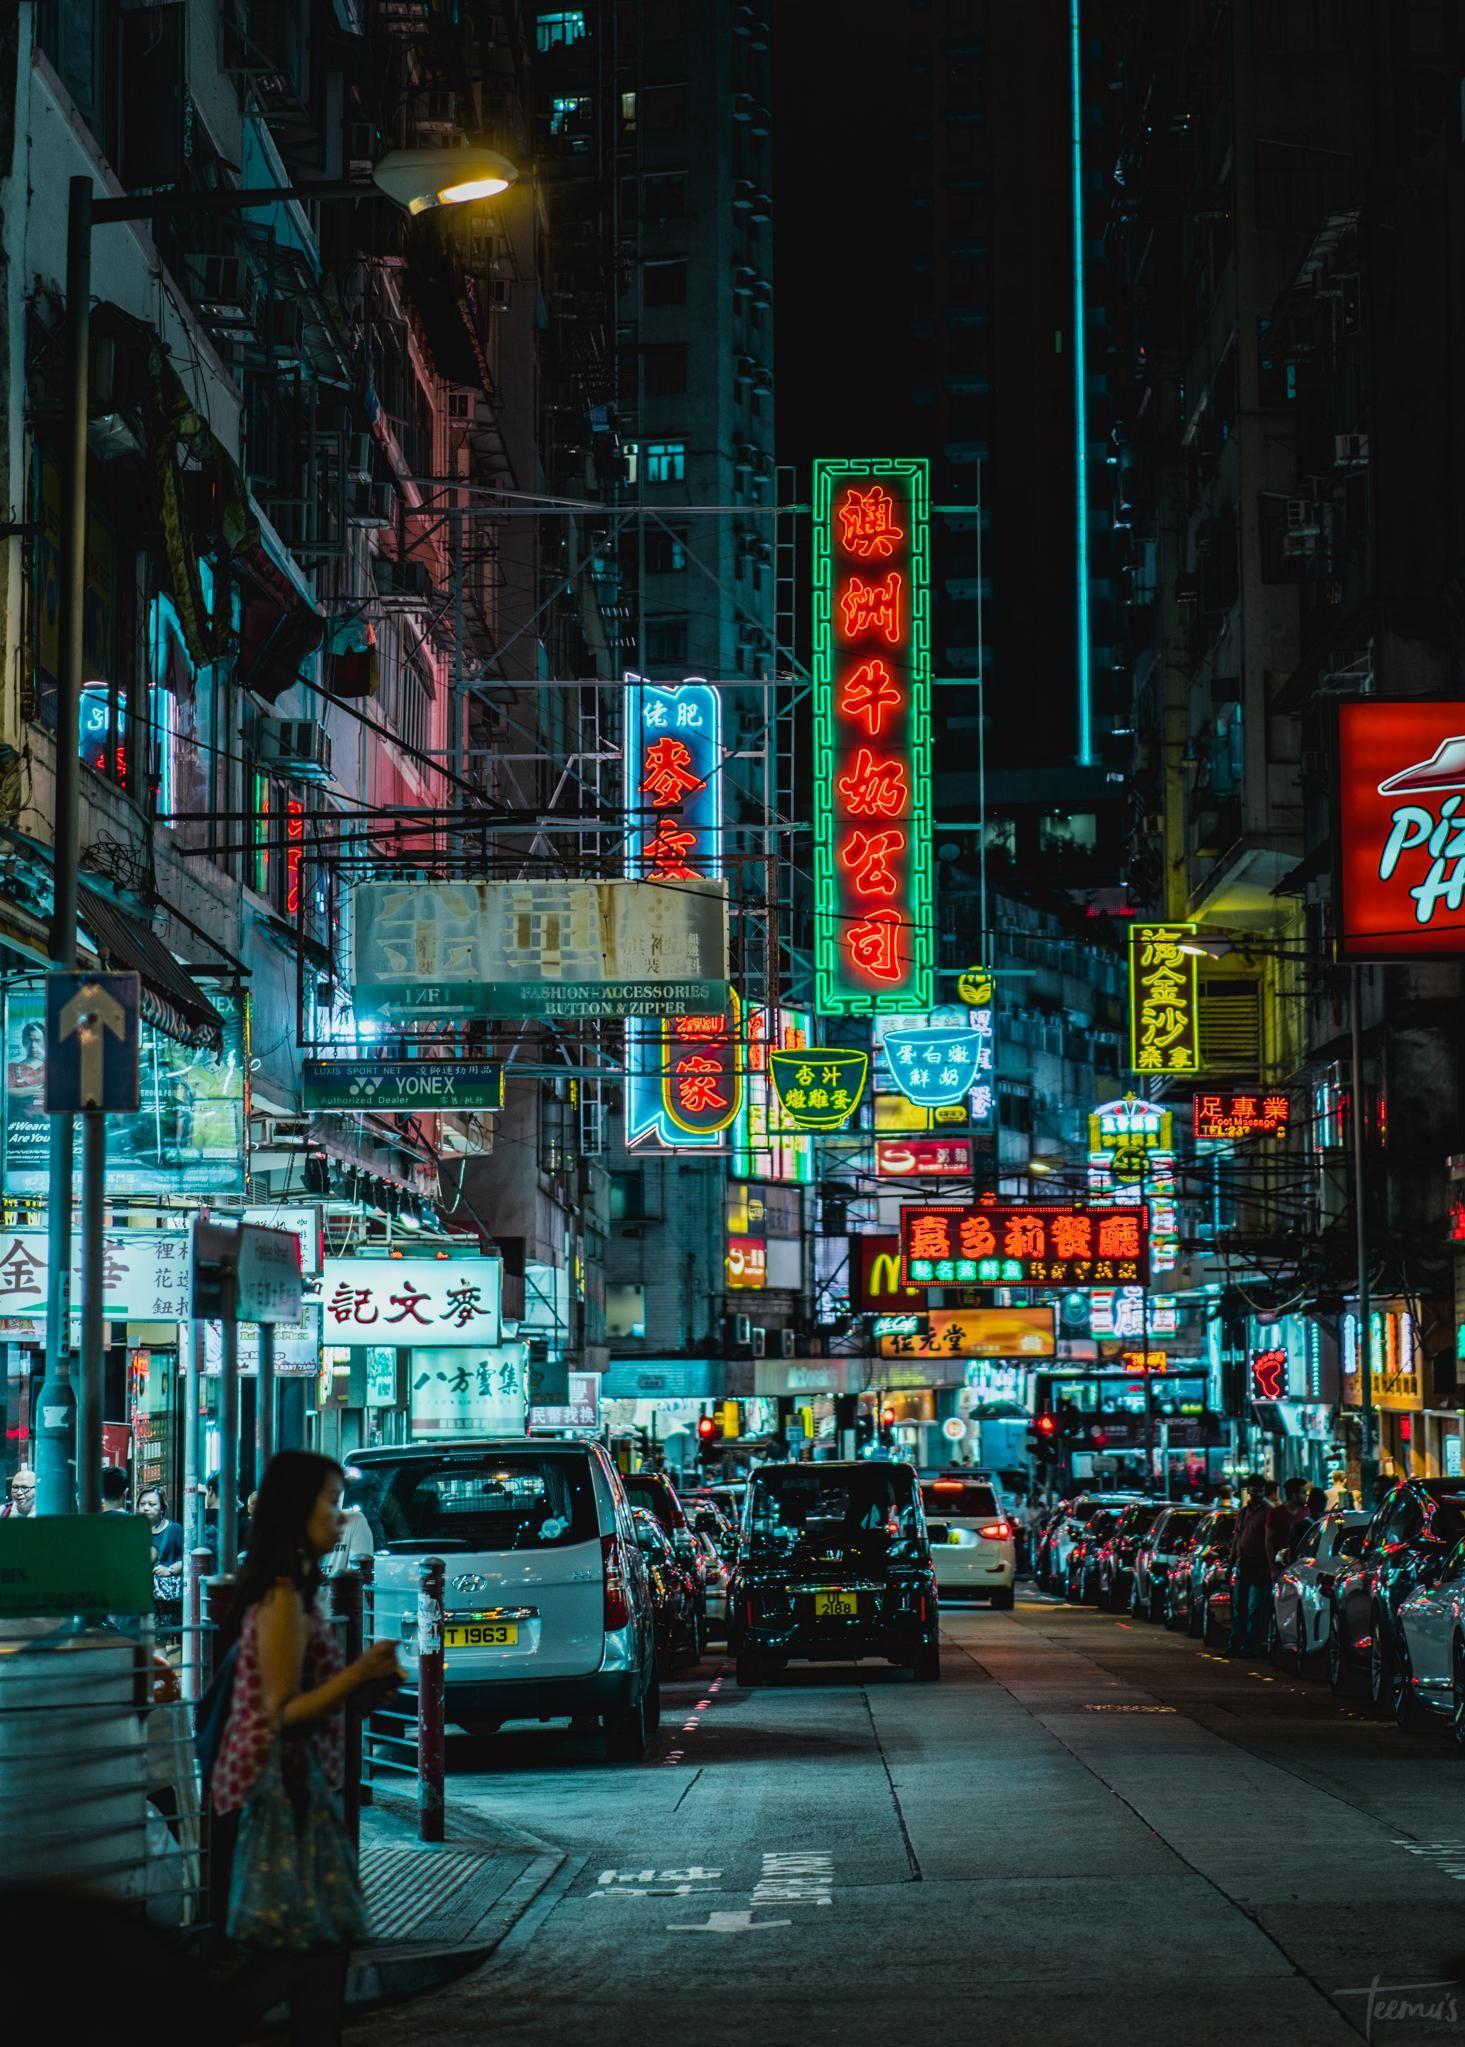 A Classic Hong Kong Street View 1465x2047 Oc